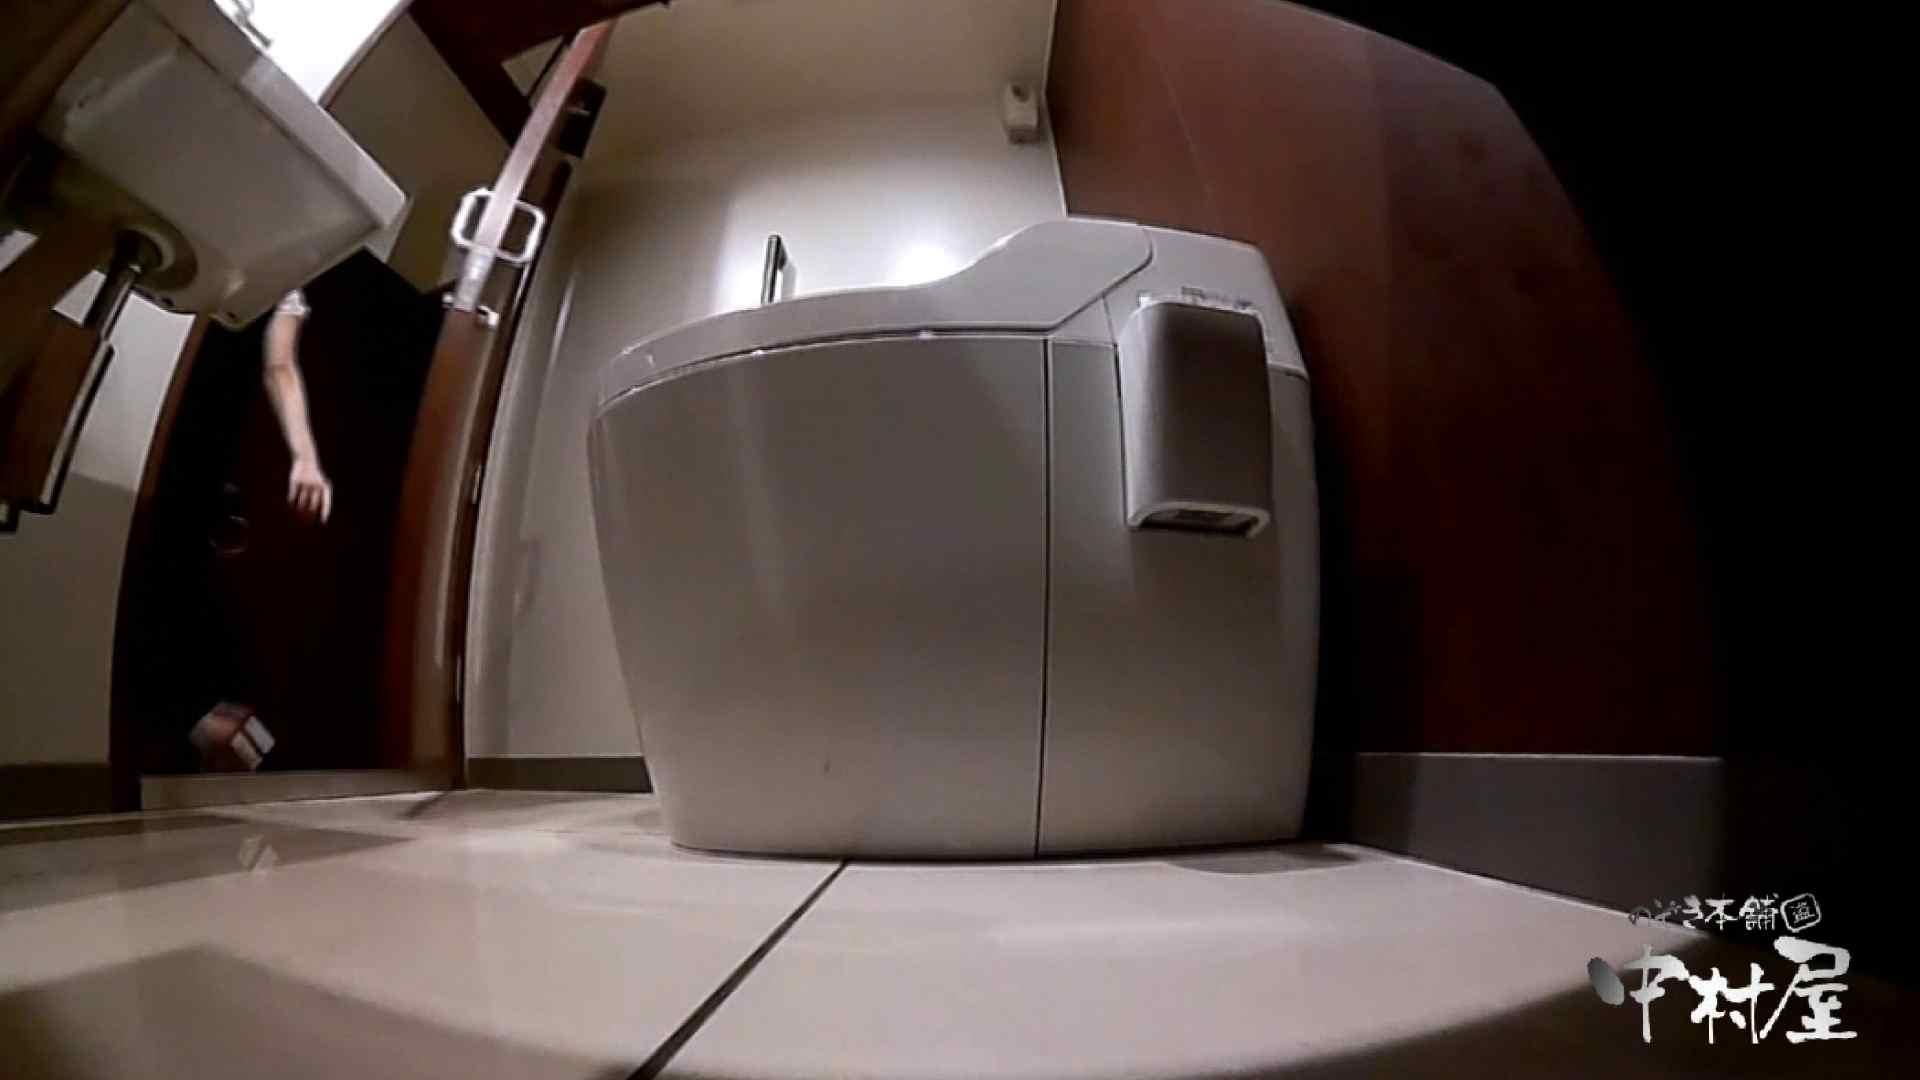 高画質トイレ盗撮vol.19 女子トイレ編 オメコ動画キャプチャ 84PIX 55